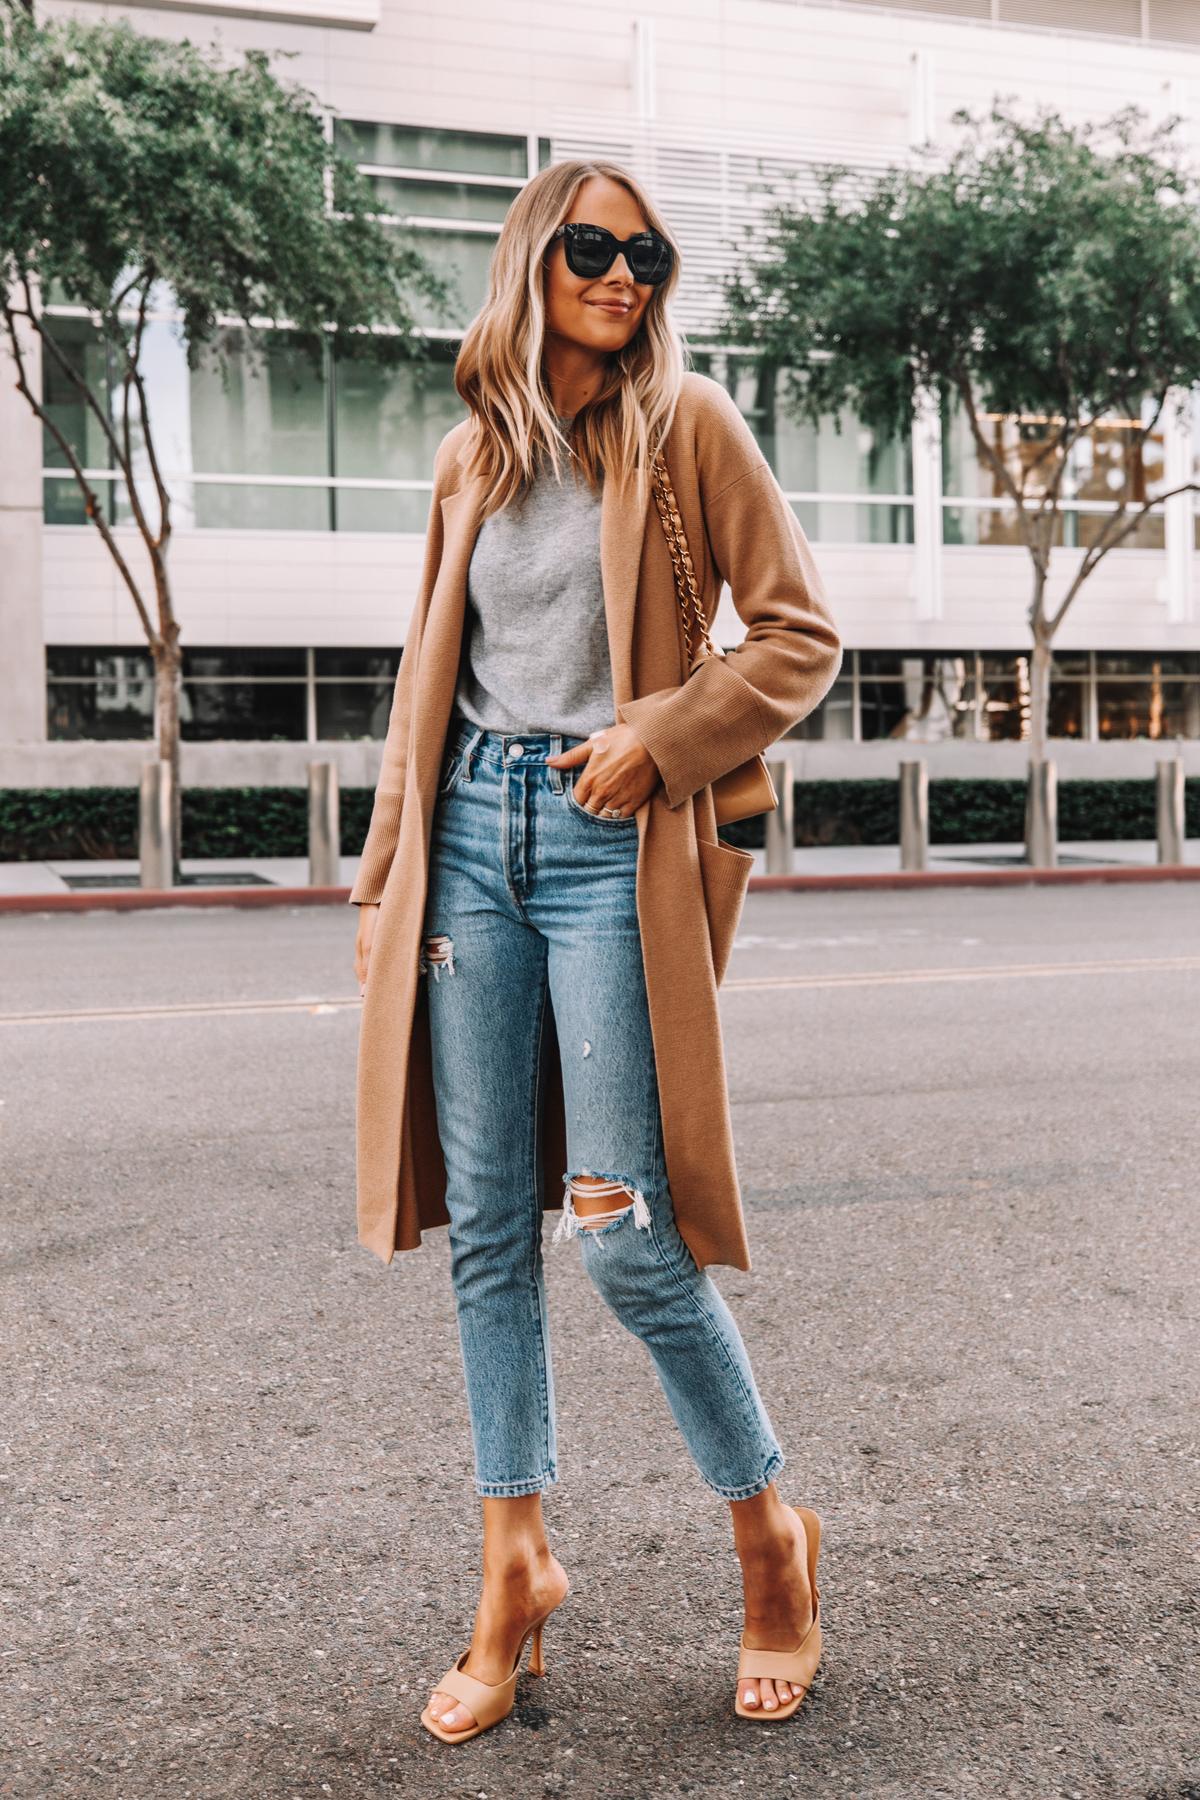 Fashion Jackson Wearing Jcrew Ella Long Sweater Blazer Grey Sweater Levis 501 Ripped Skinny Jeans Nude Heeled Sandals 2